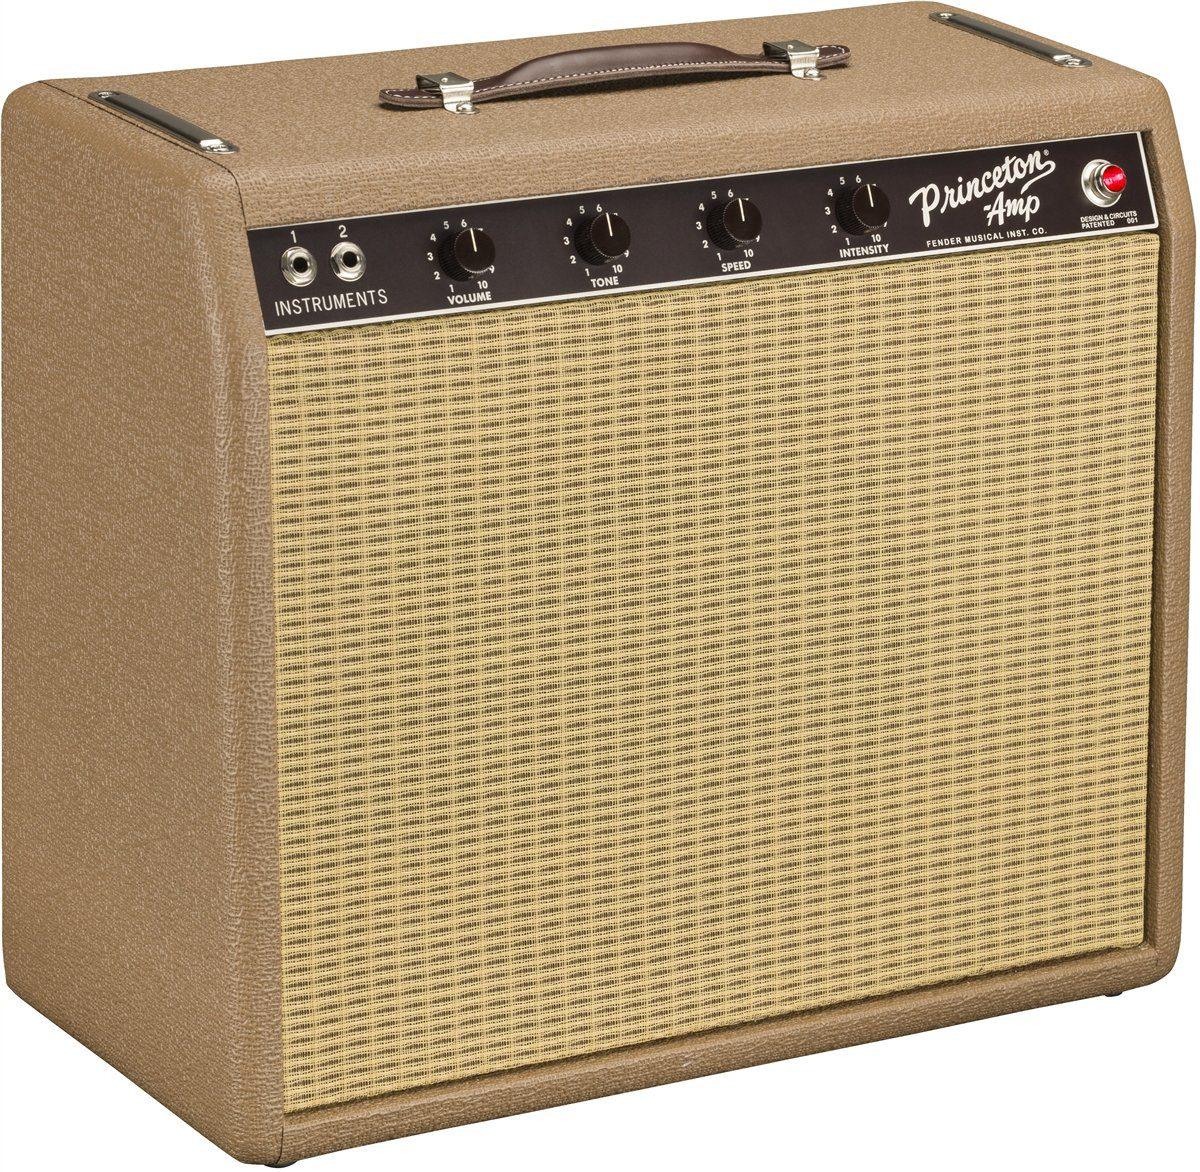 Fender-'62-Princeton-Chris-Stapleton-Edition